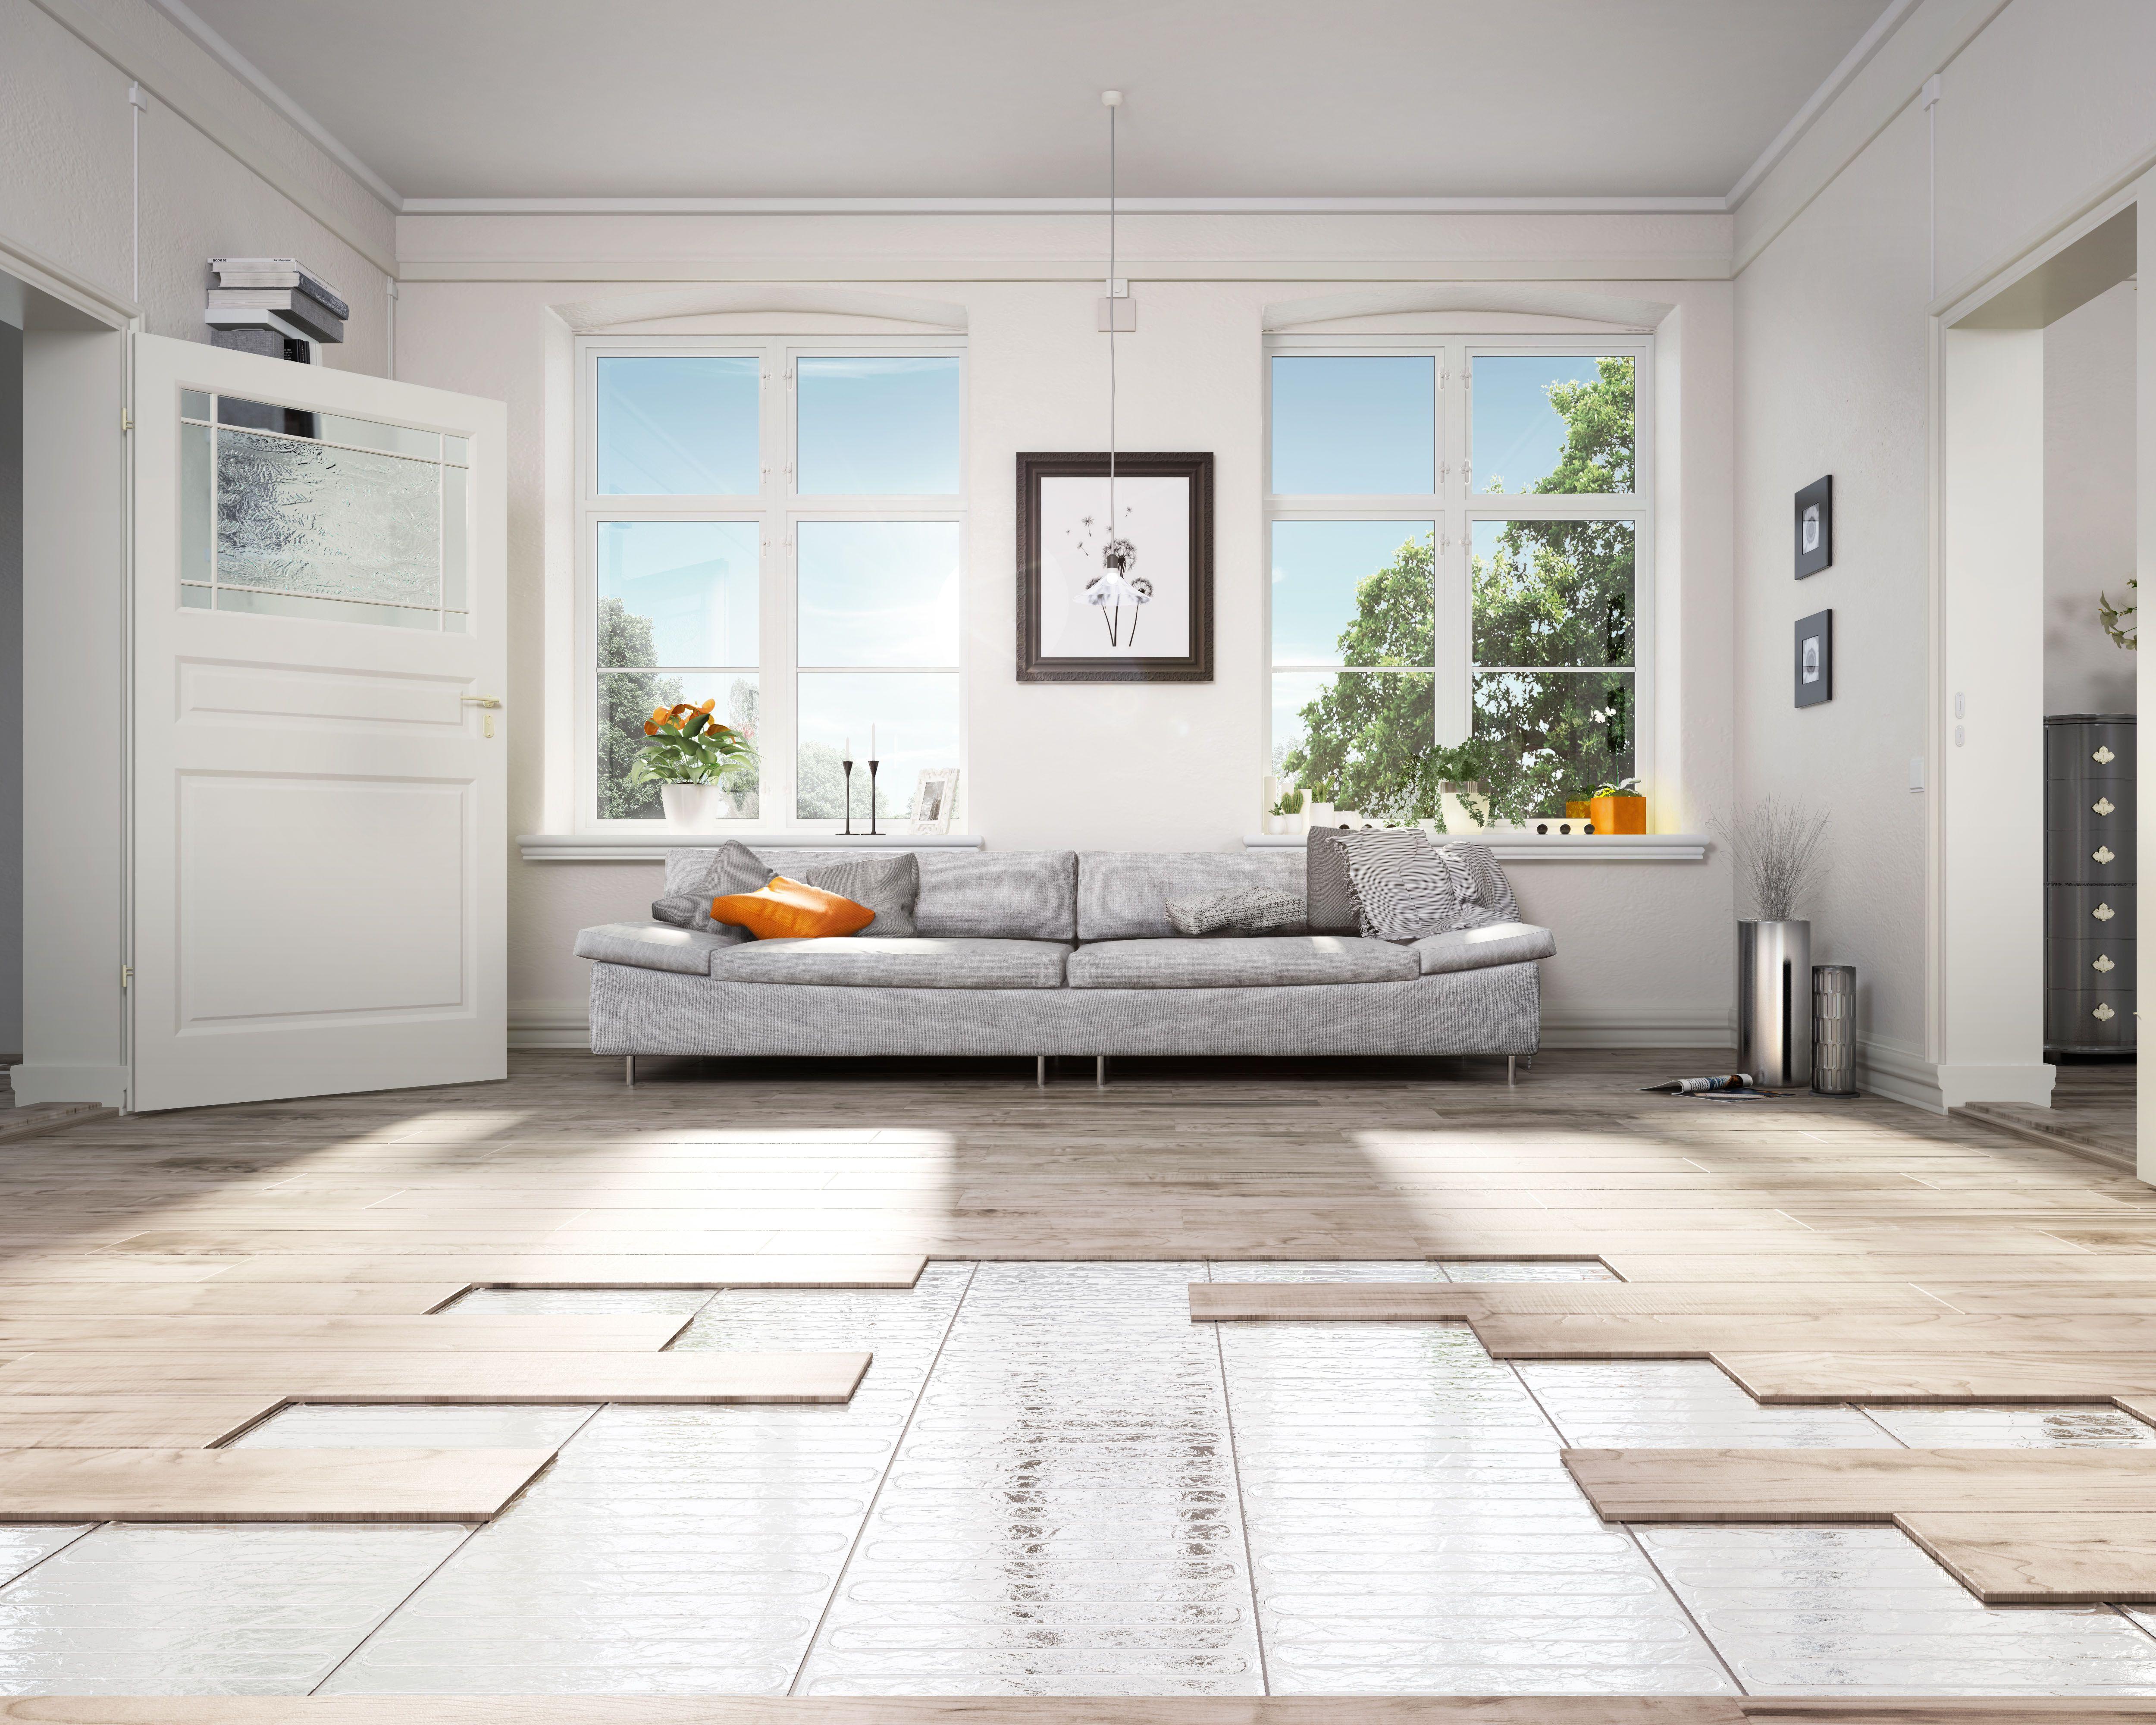 Fussbodenheizung Einfach Nachrusten Auch In Ein Bestehendes Haus Bzw Wohnung Kann Man Eine Fussbodenheizung Unter Verschiedenen Wohnung Haus Deko Bodenheizung